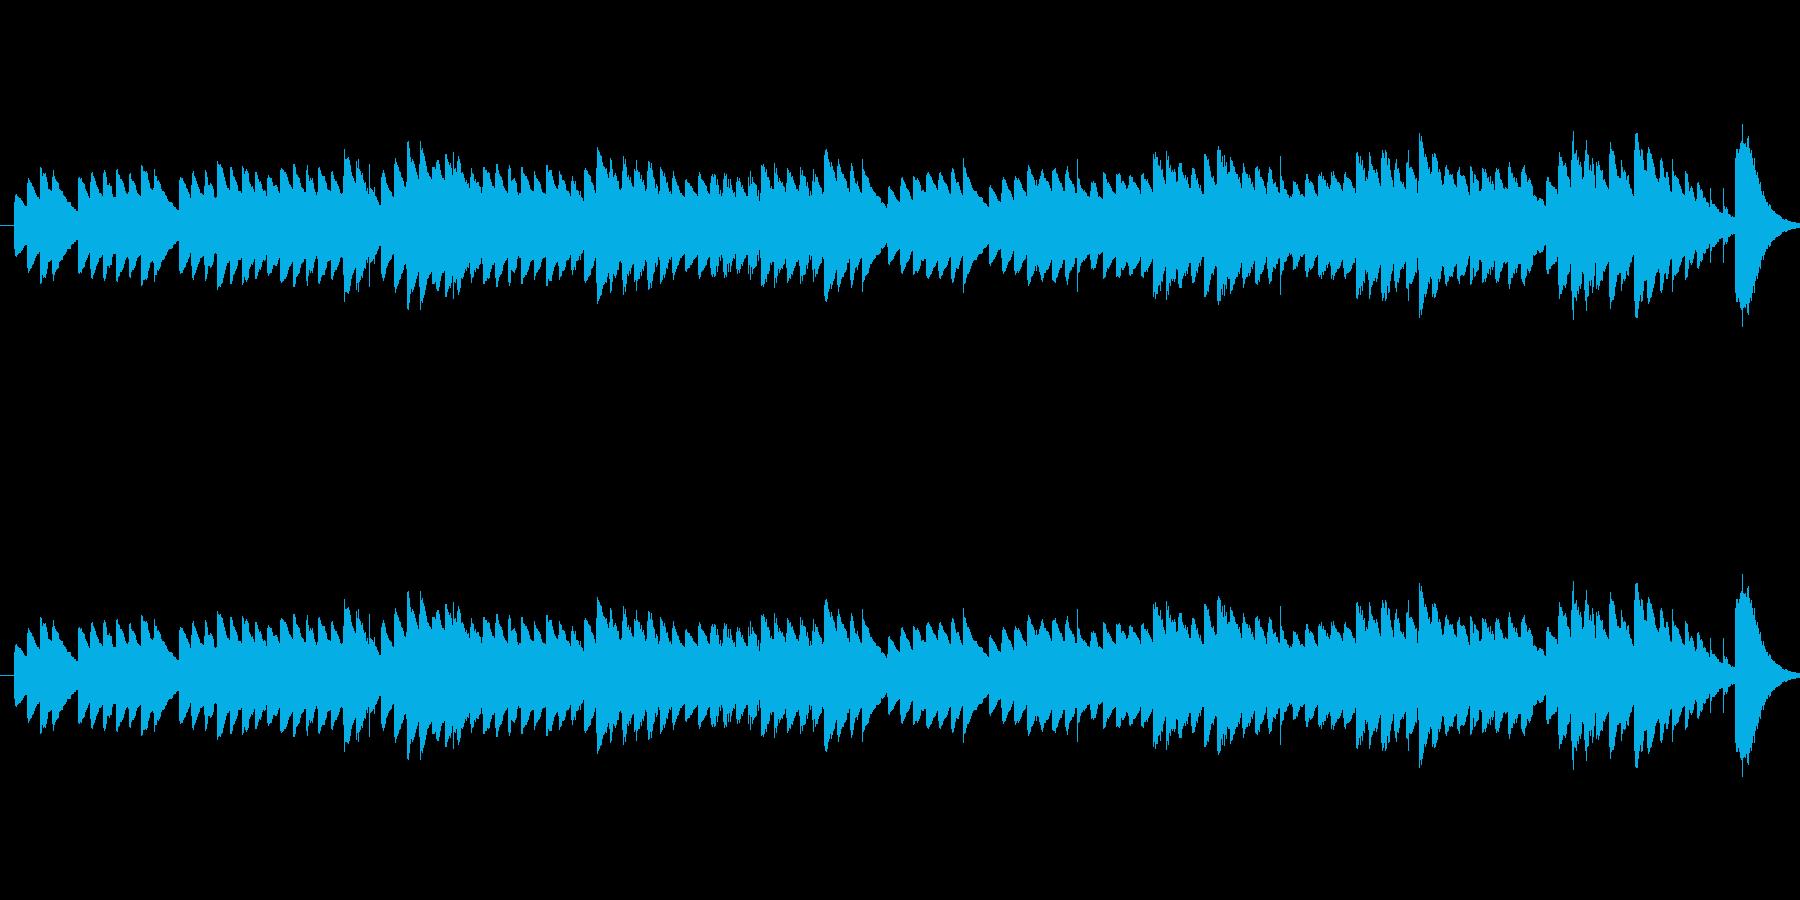 ドビッシーの「夢」オルゴールアレンジの再生済みの波形